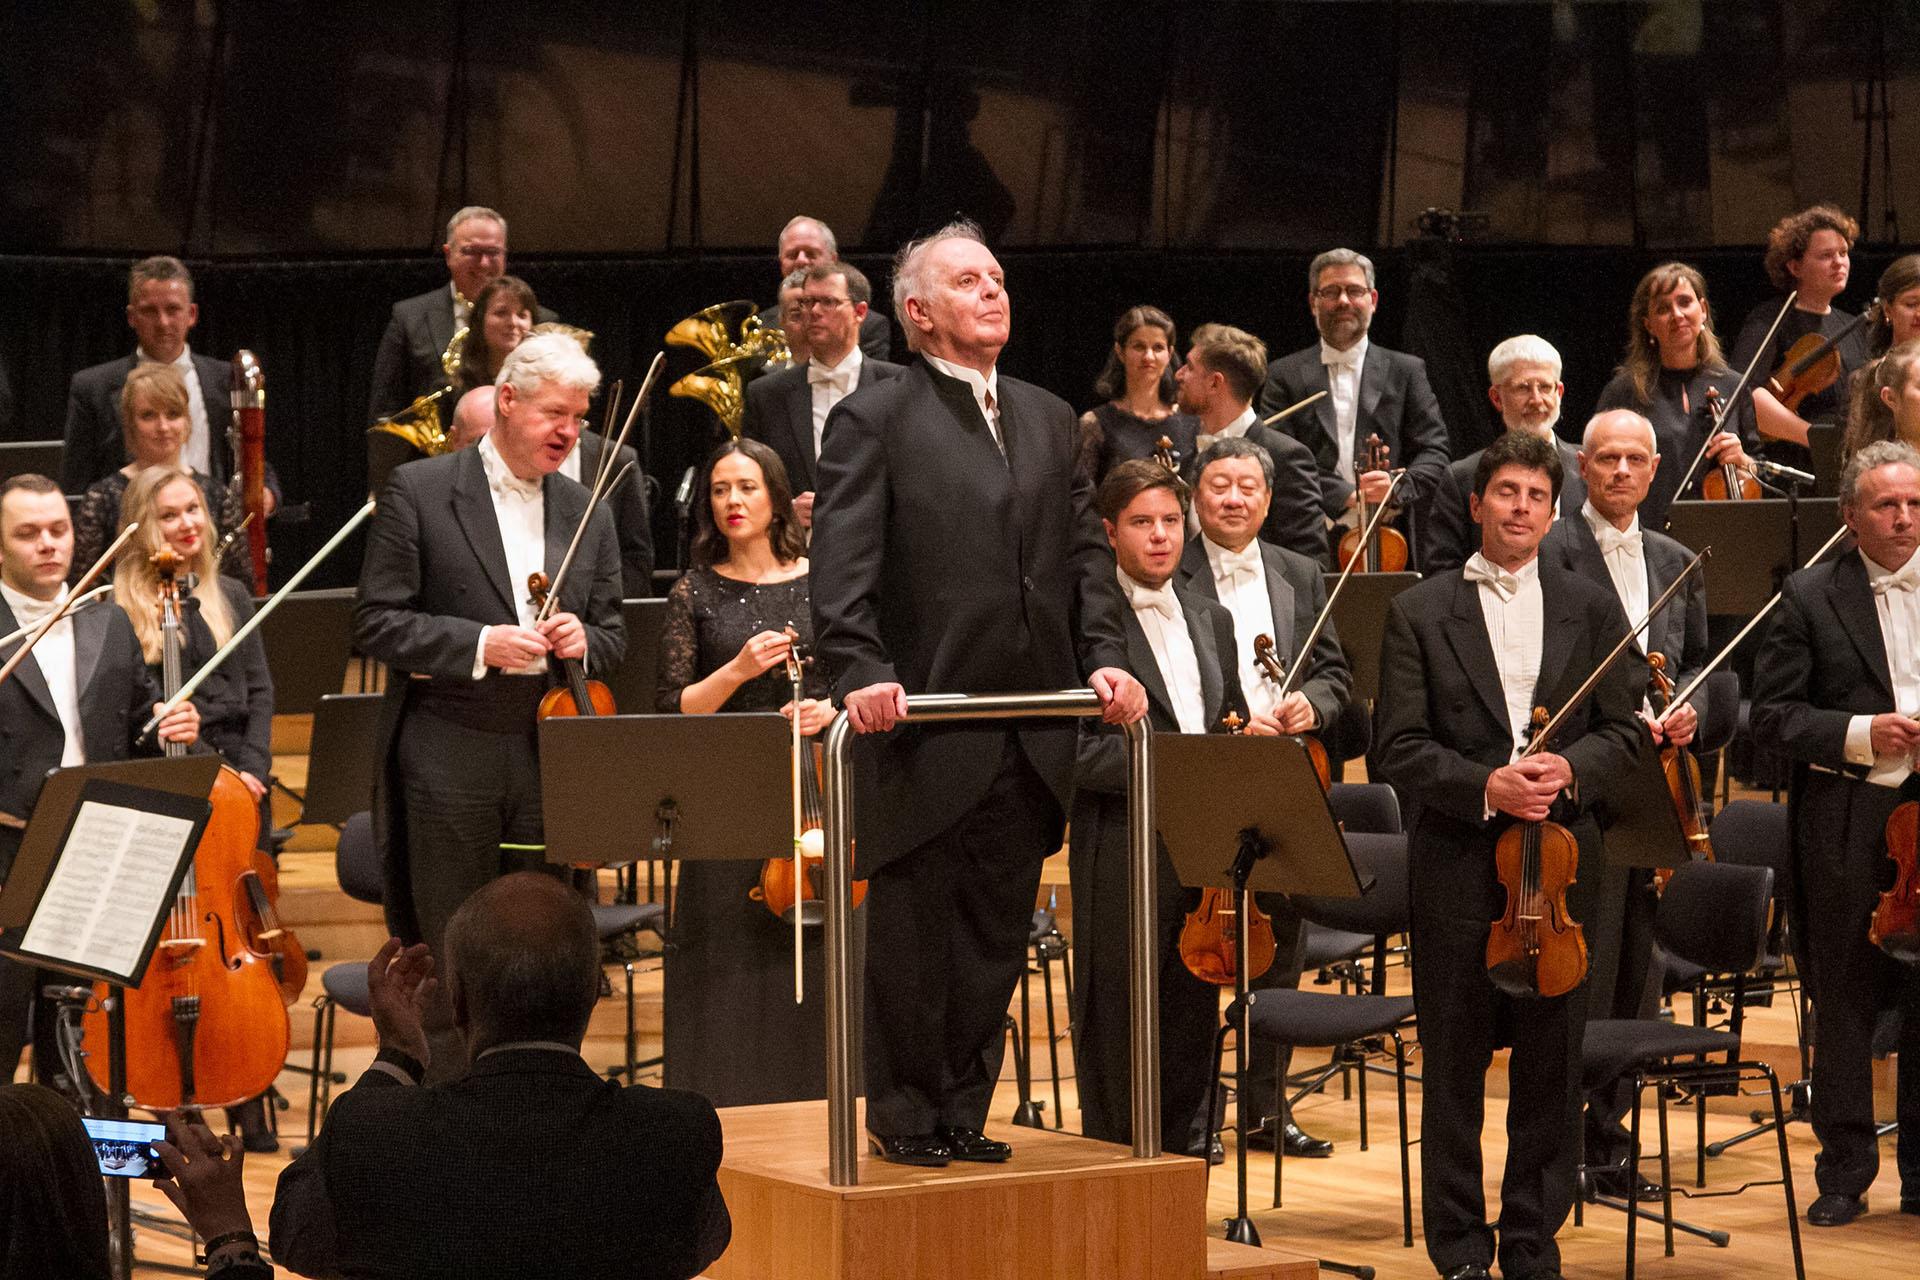 En uno de los acontecimientos musicales más relevantes del 2018, la Staatskapelle Berlin(Orquesta Estatal de Berlín, Alemania), dirigida porDaniel Barenboim, ofreció cinco conciertos en la Sala Sinfónica delCCK. Además, el maestro se presentó en Teatro Colón con la ópera Tristán e Isolda, y en un concierto gratuito en la Plaza del Vaticano